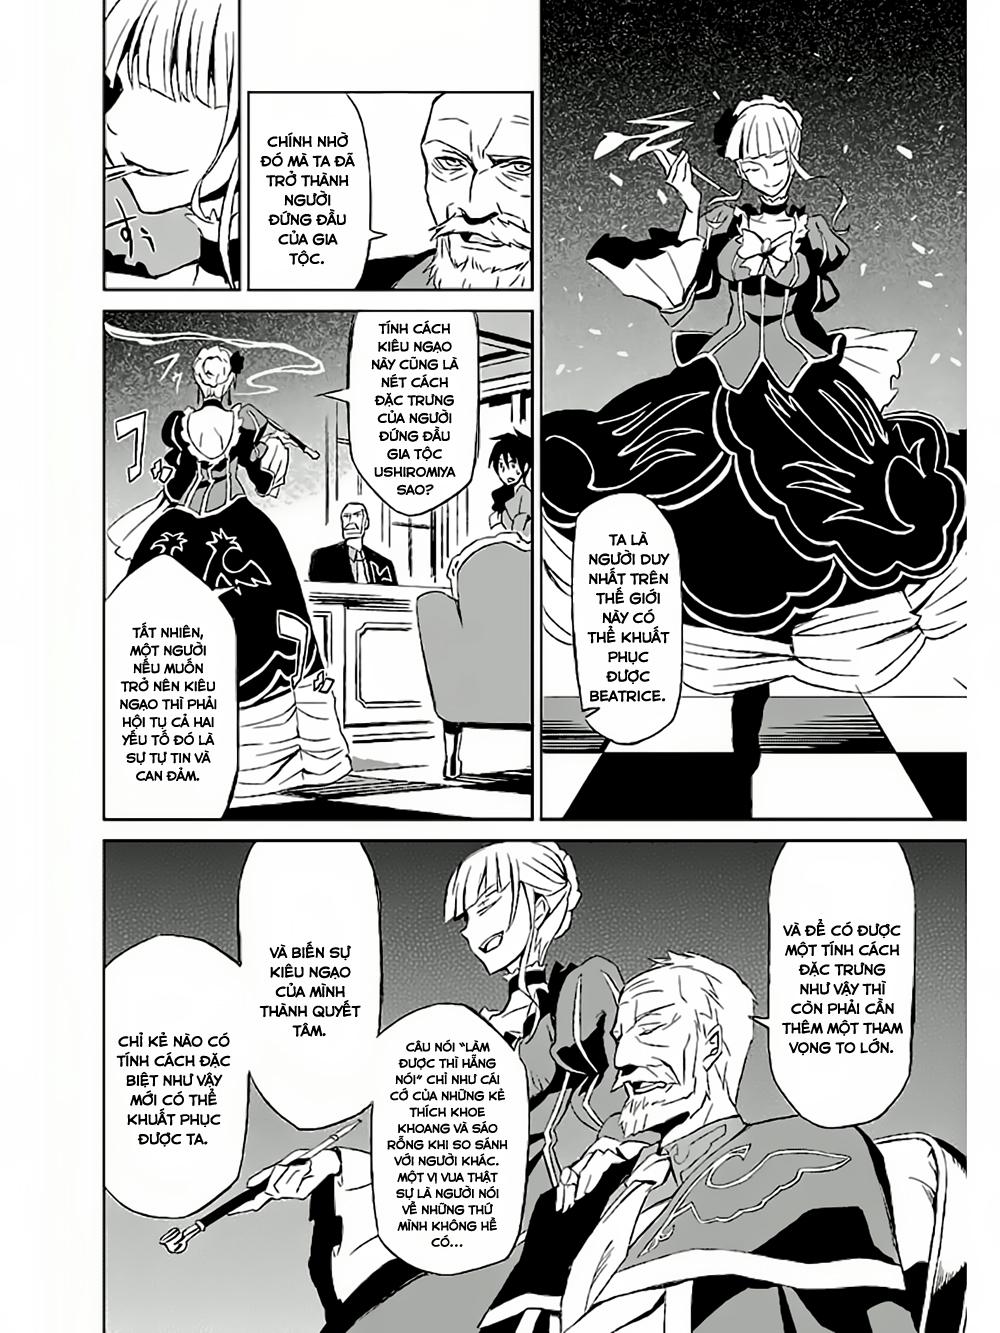 UMINEKO NO NAKU KORO NI CHIRU EPISODE 5: END OF THE GOLDEN WITCH